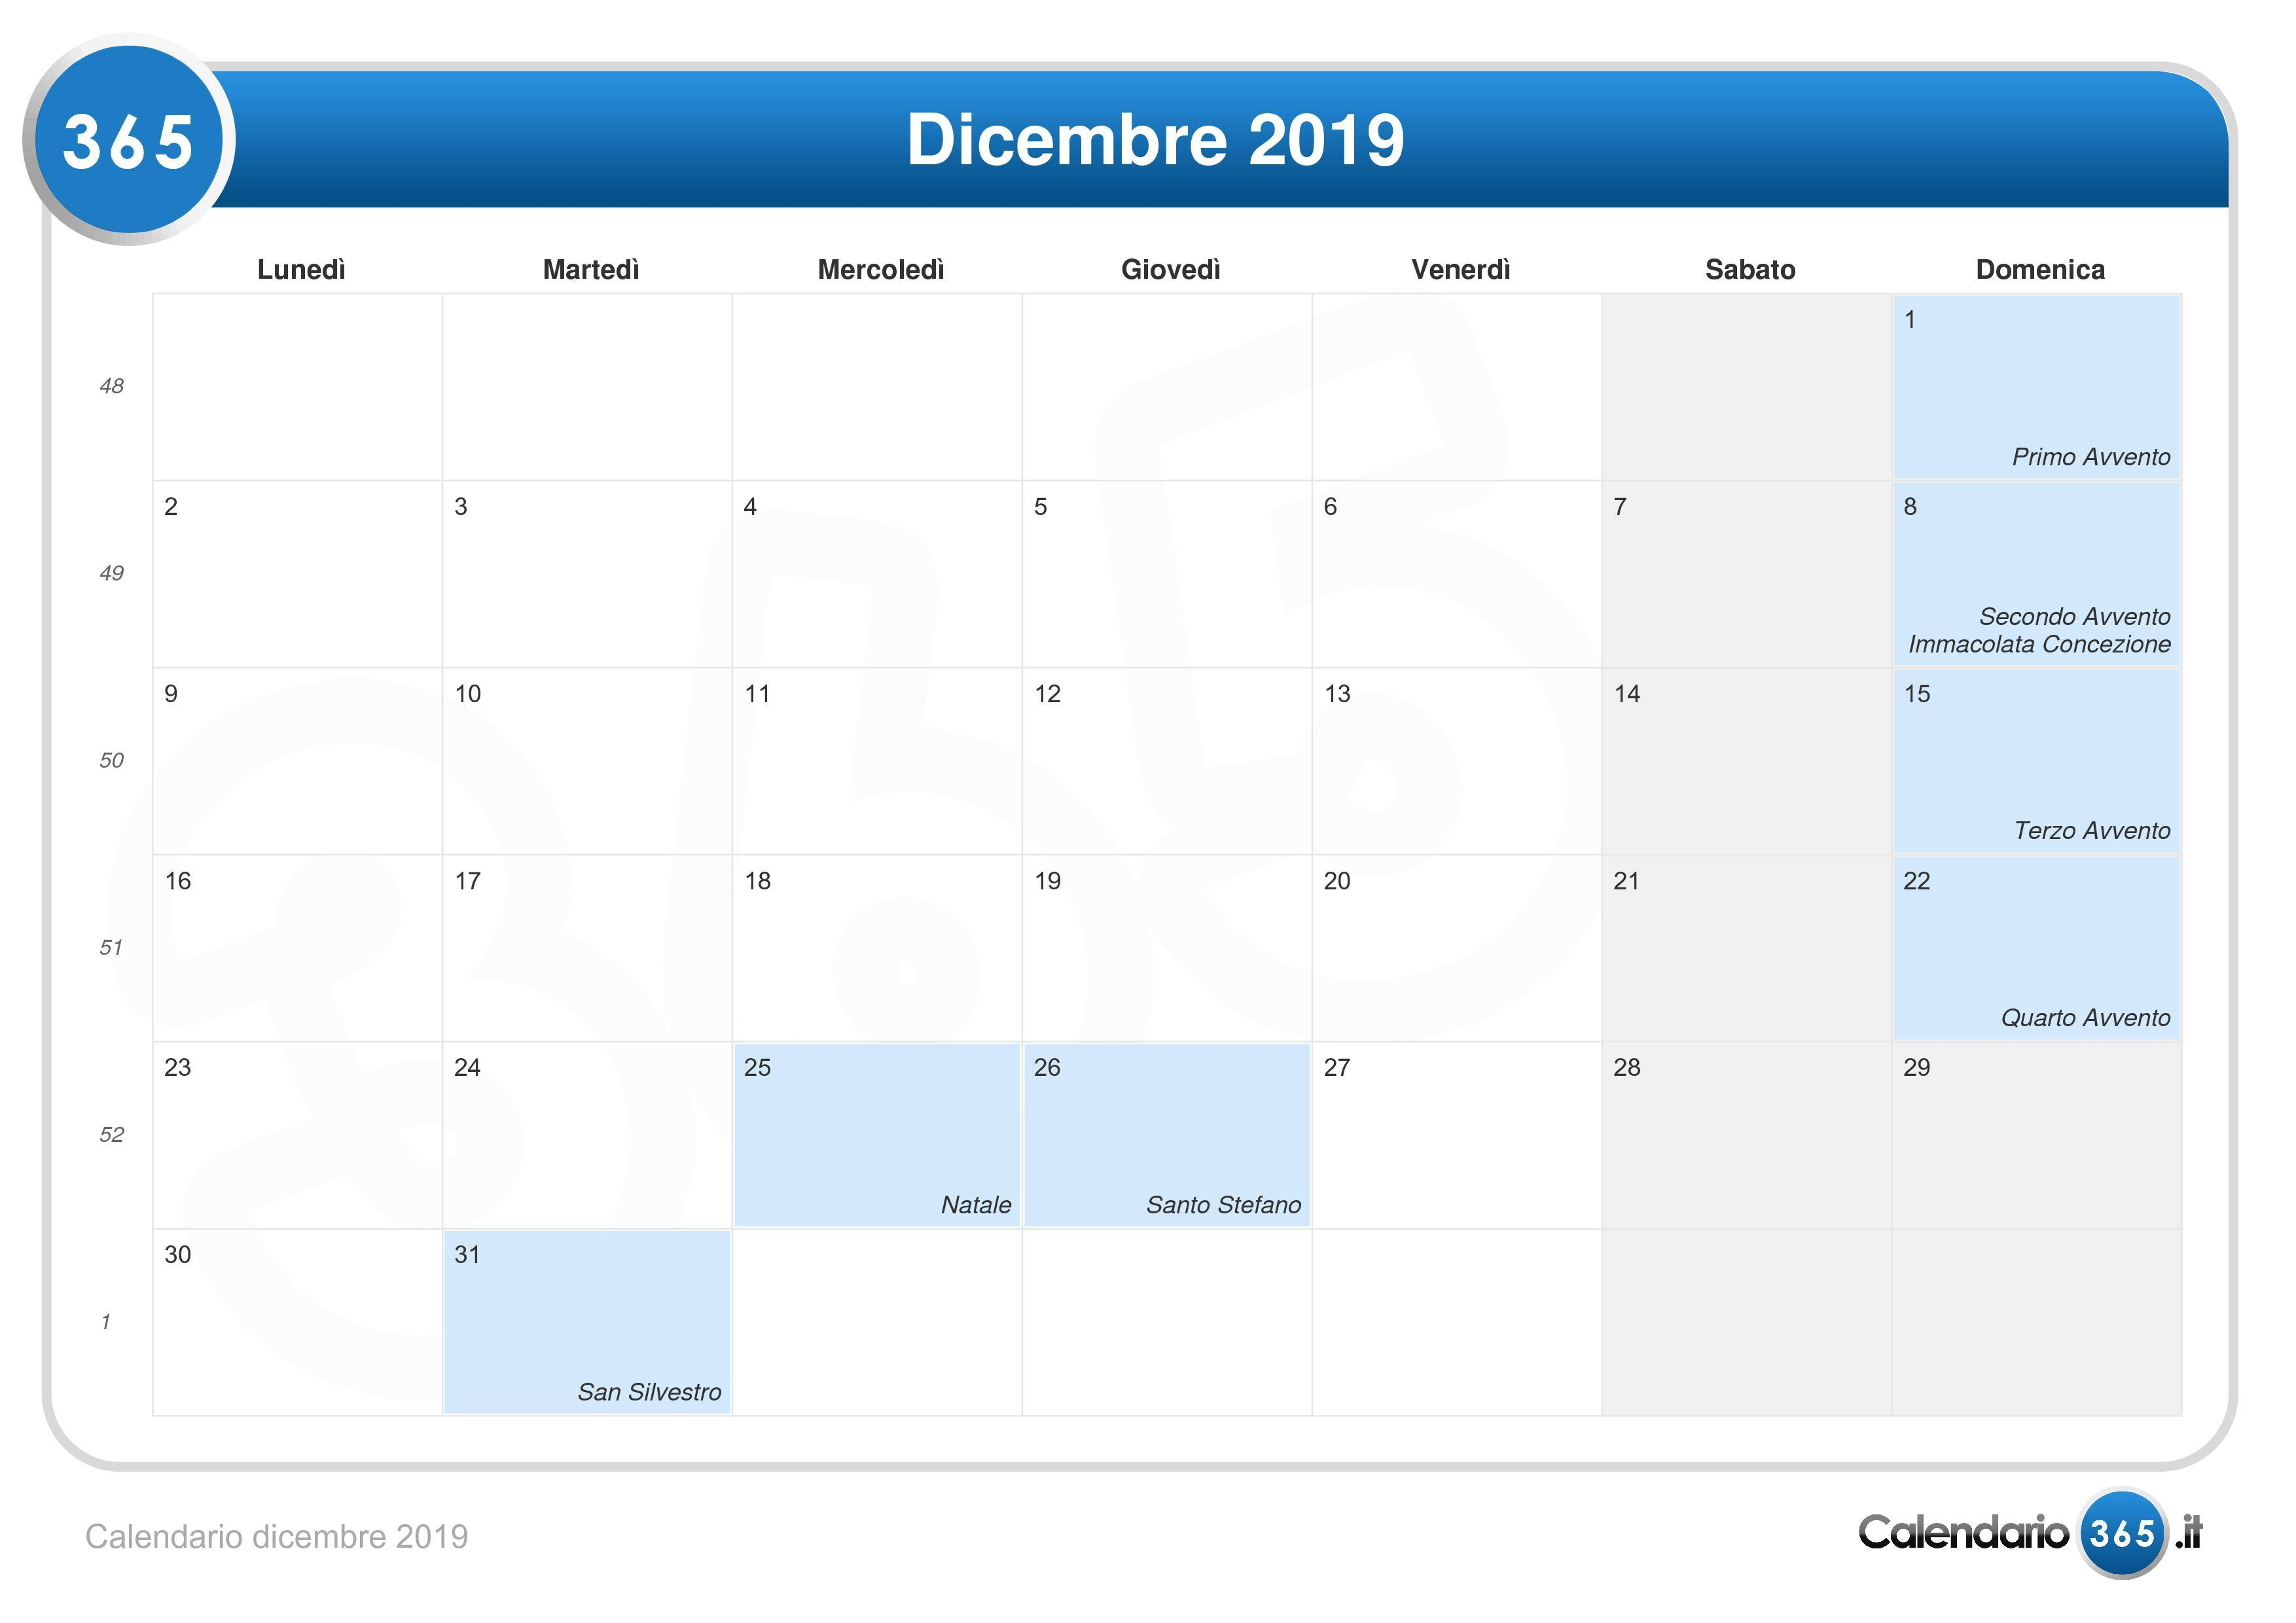 Calendario Mese Dicembre 2019.Calendario Dicembre 2019